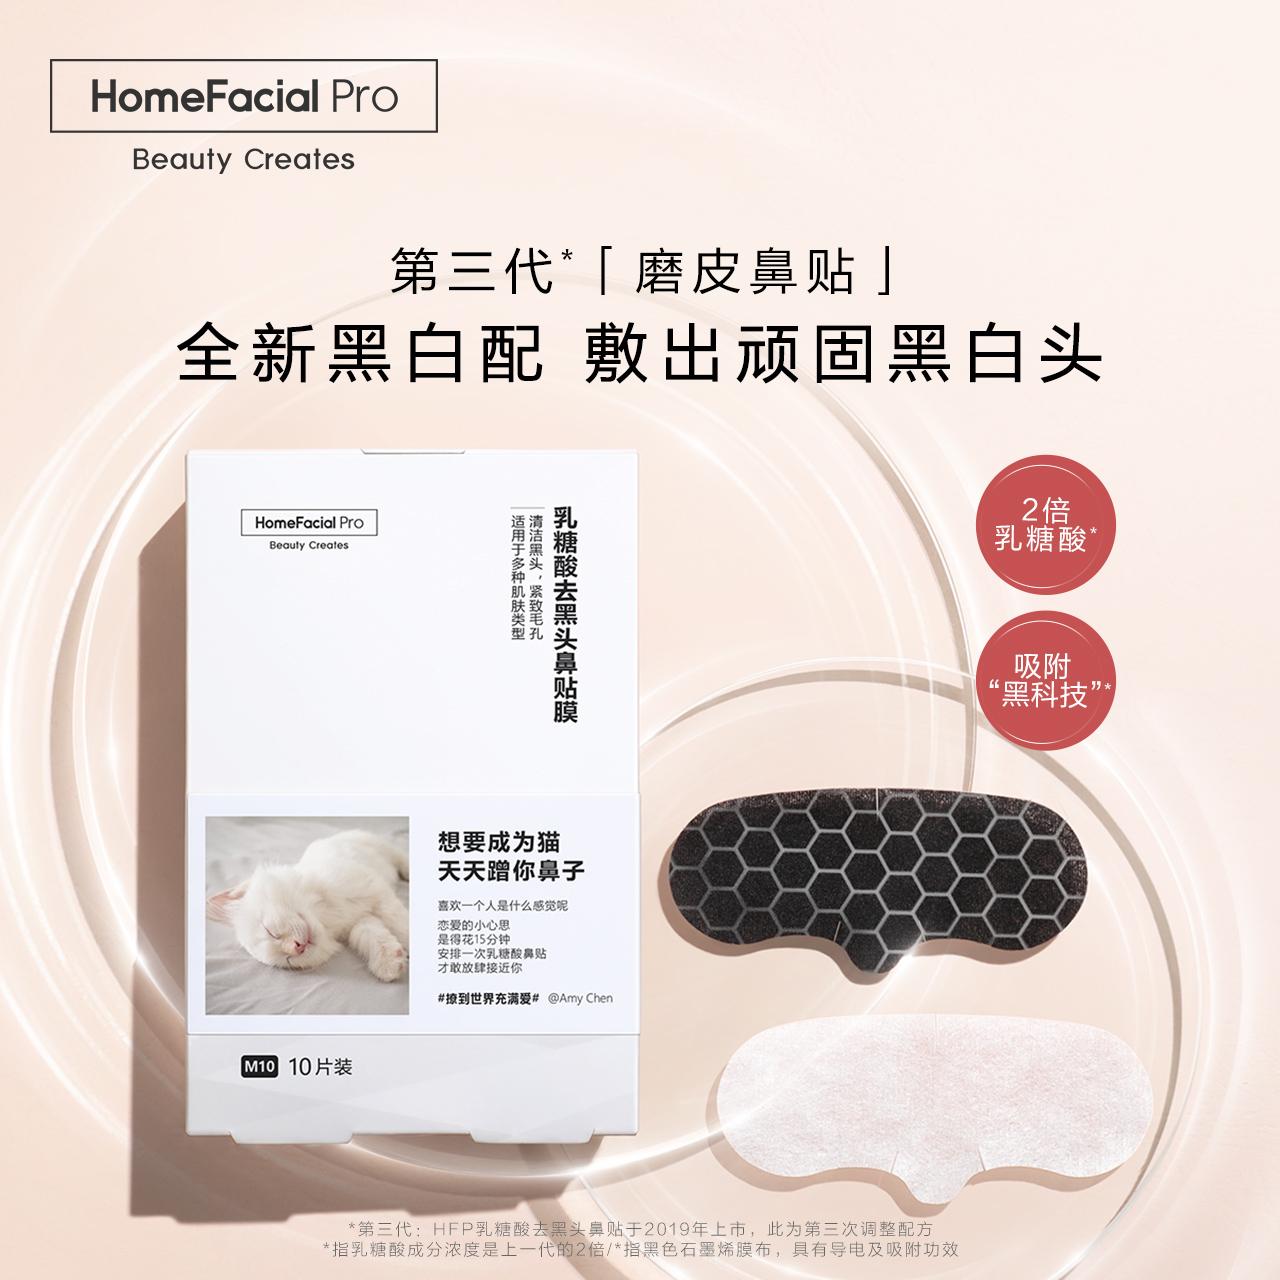 HFP乳糖酸去黑头鼻贴 祛粉刺清洁草莓鼻男女士专用收缩毛孔套装